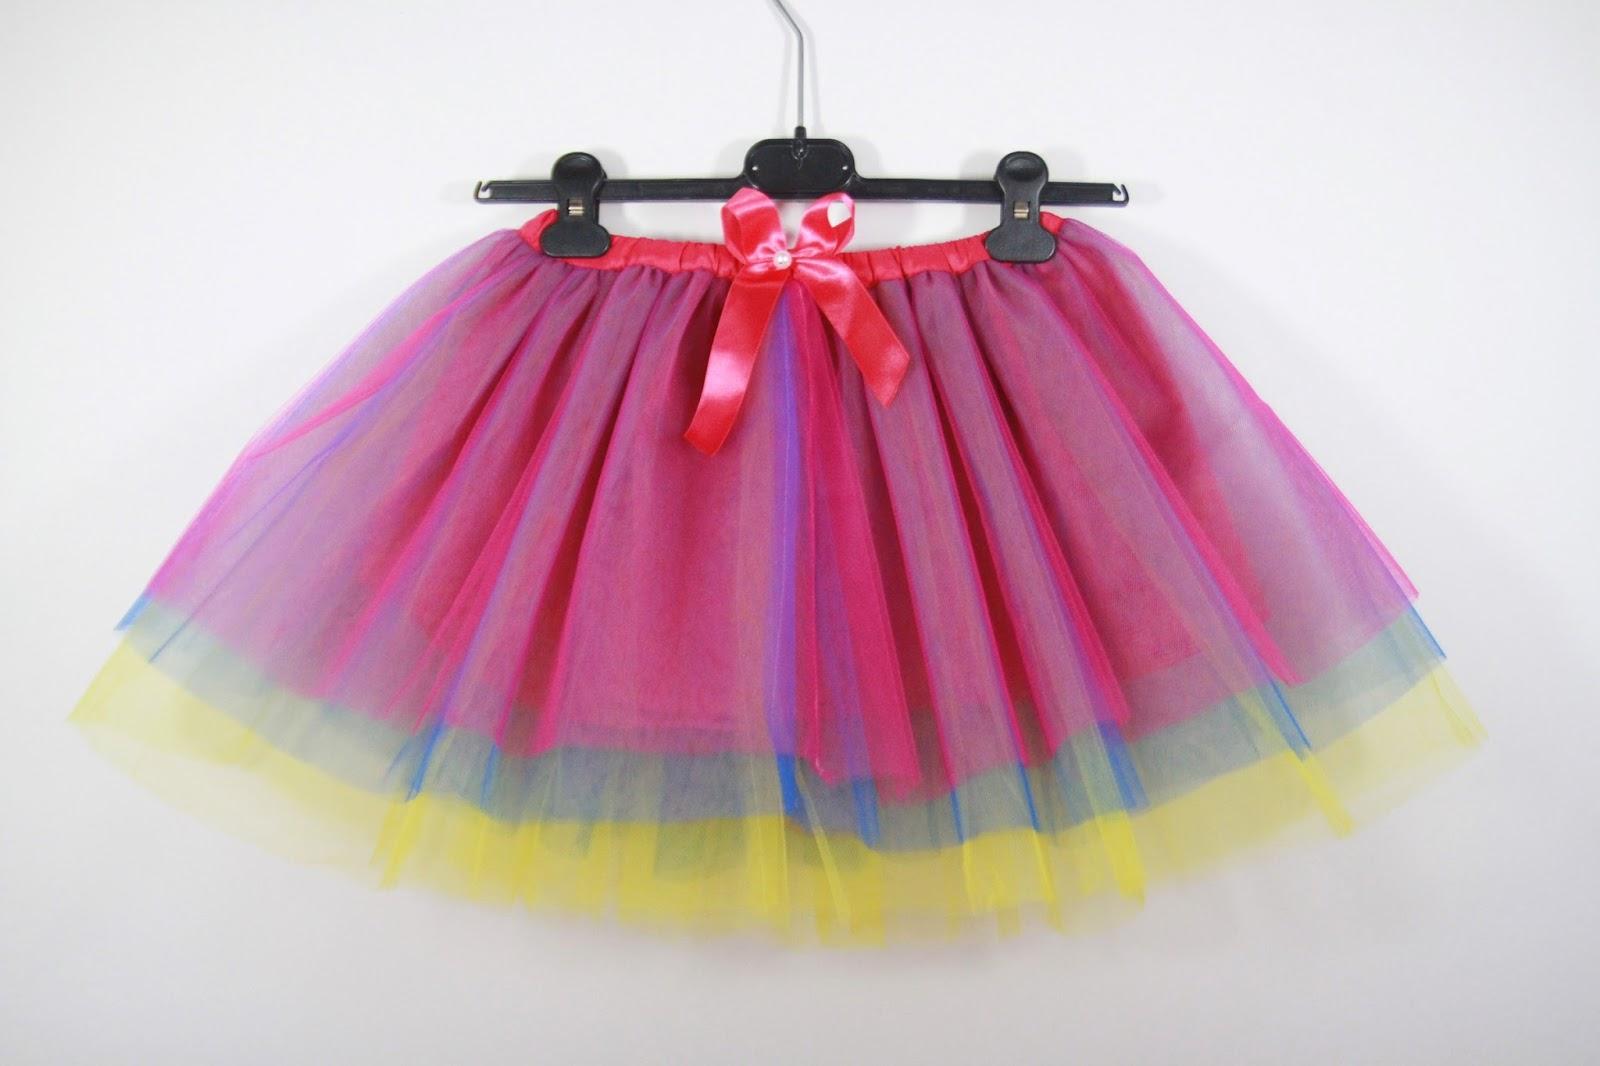 Szyjemy! Tiulowe spódniczki dziecięce | Moda | zBLOGowani